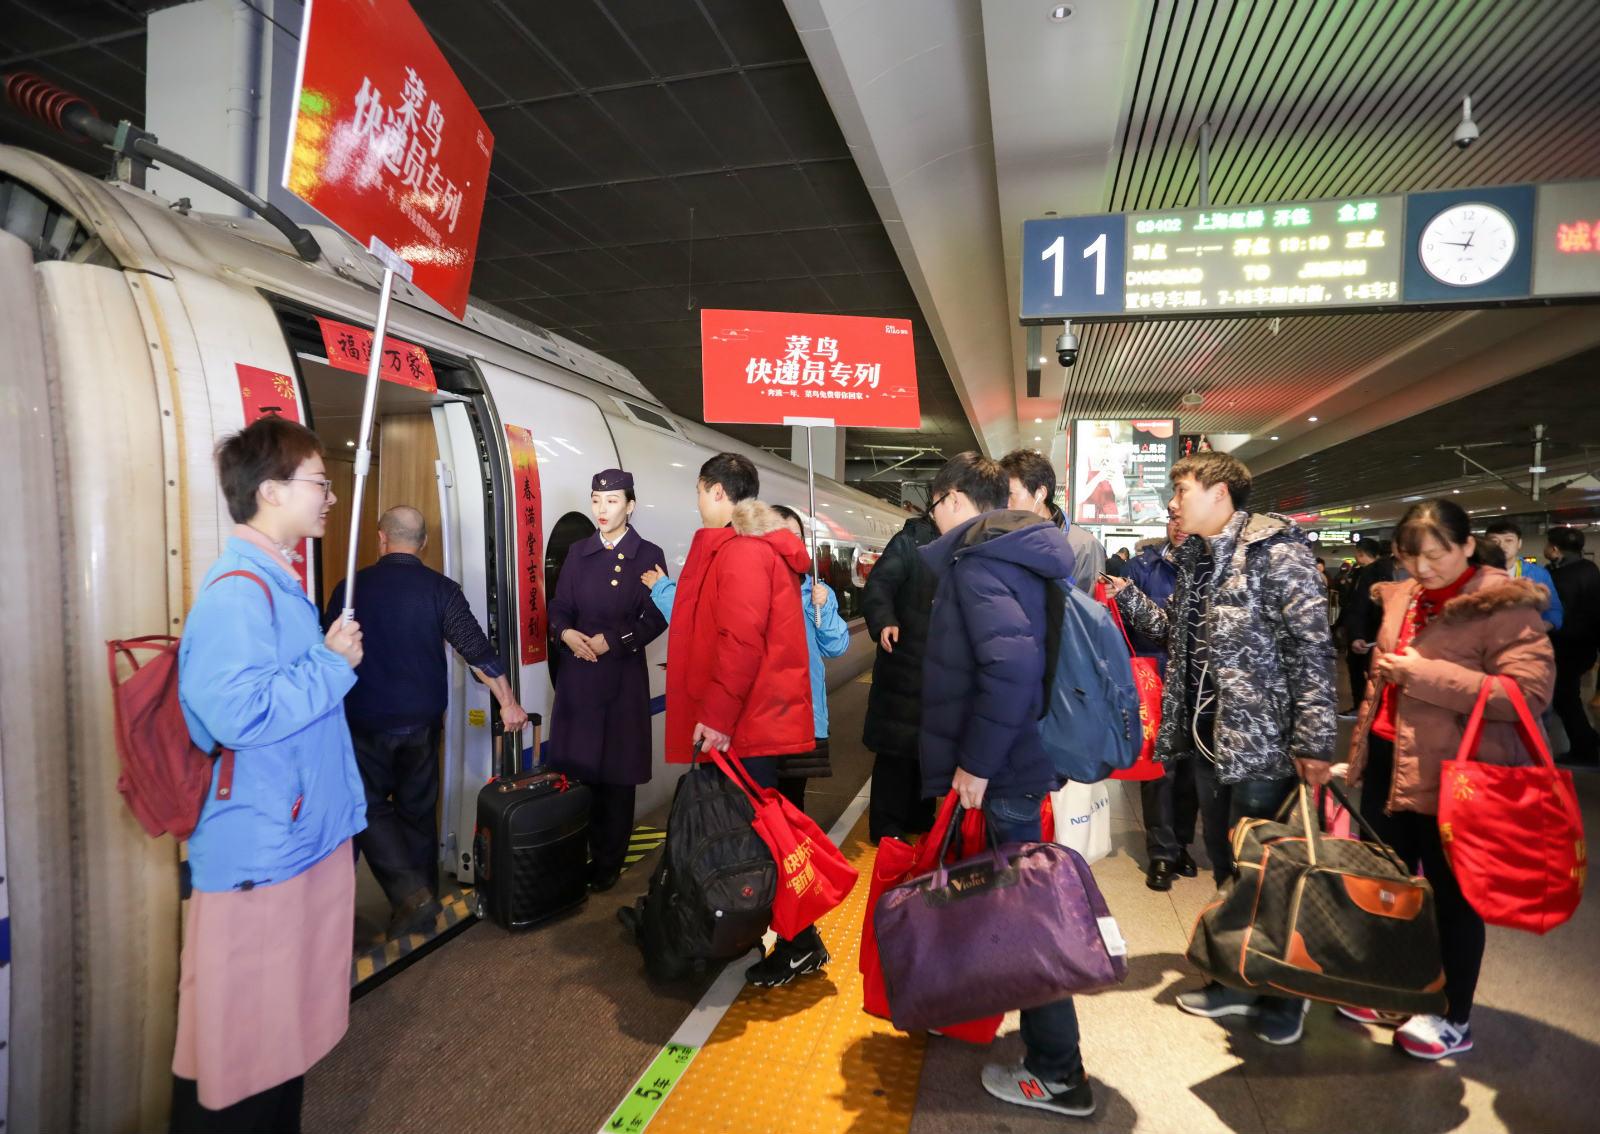 快递员免费乘坐菜鸟春运高铁专列回家0_meitu_2